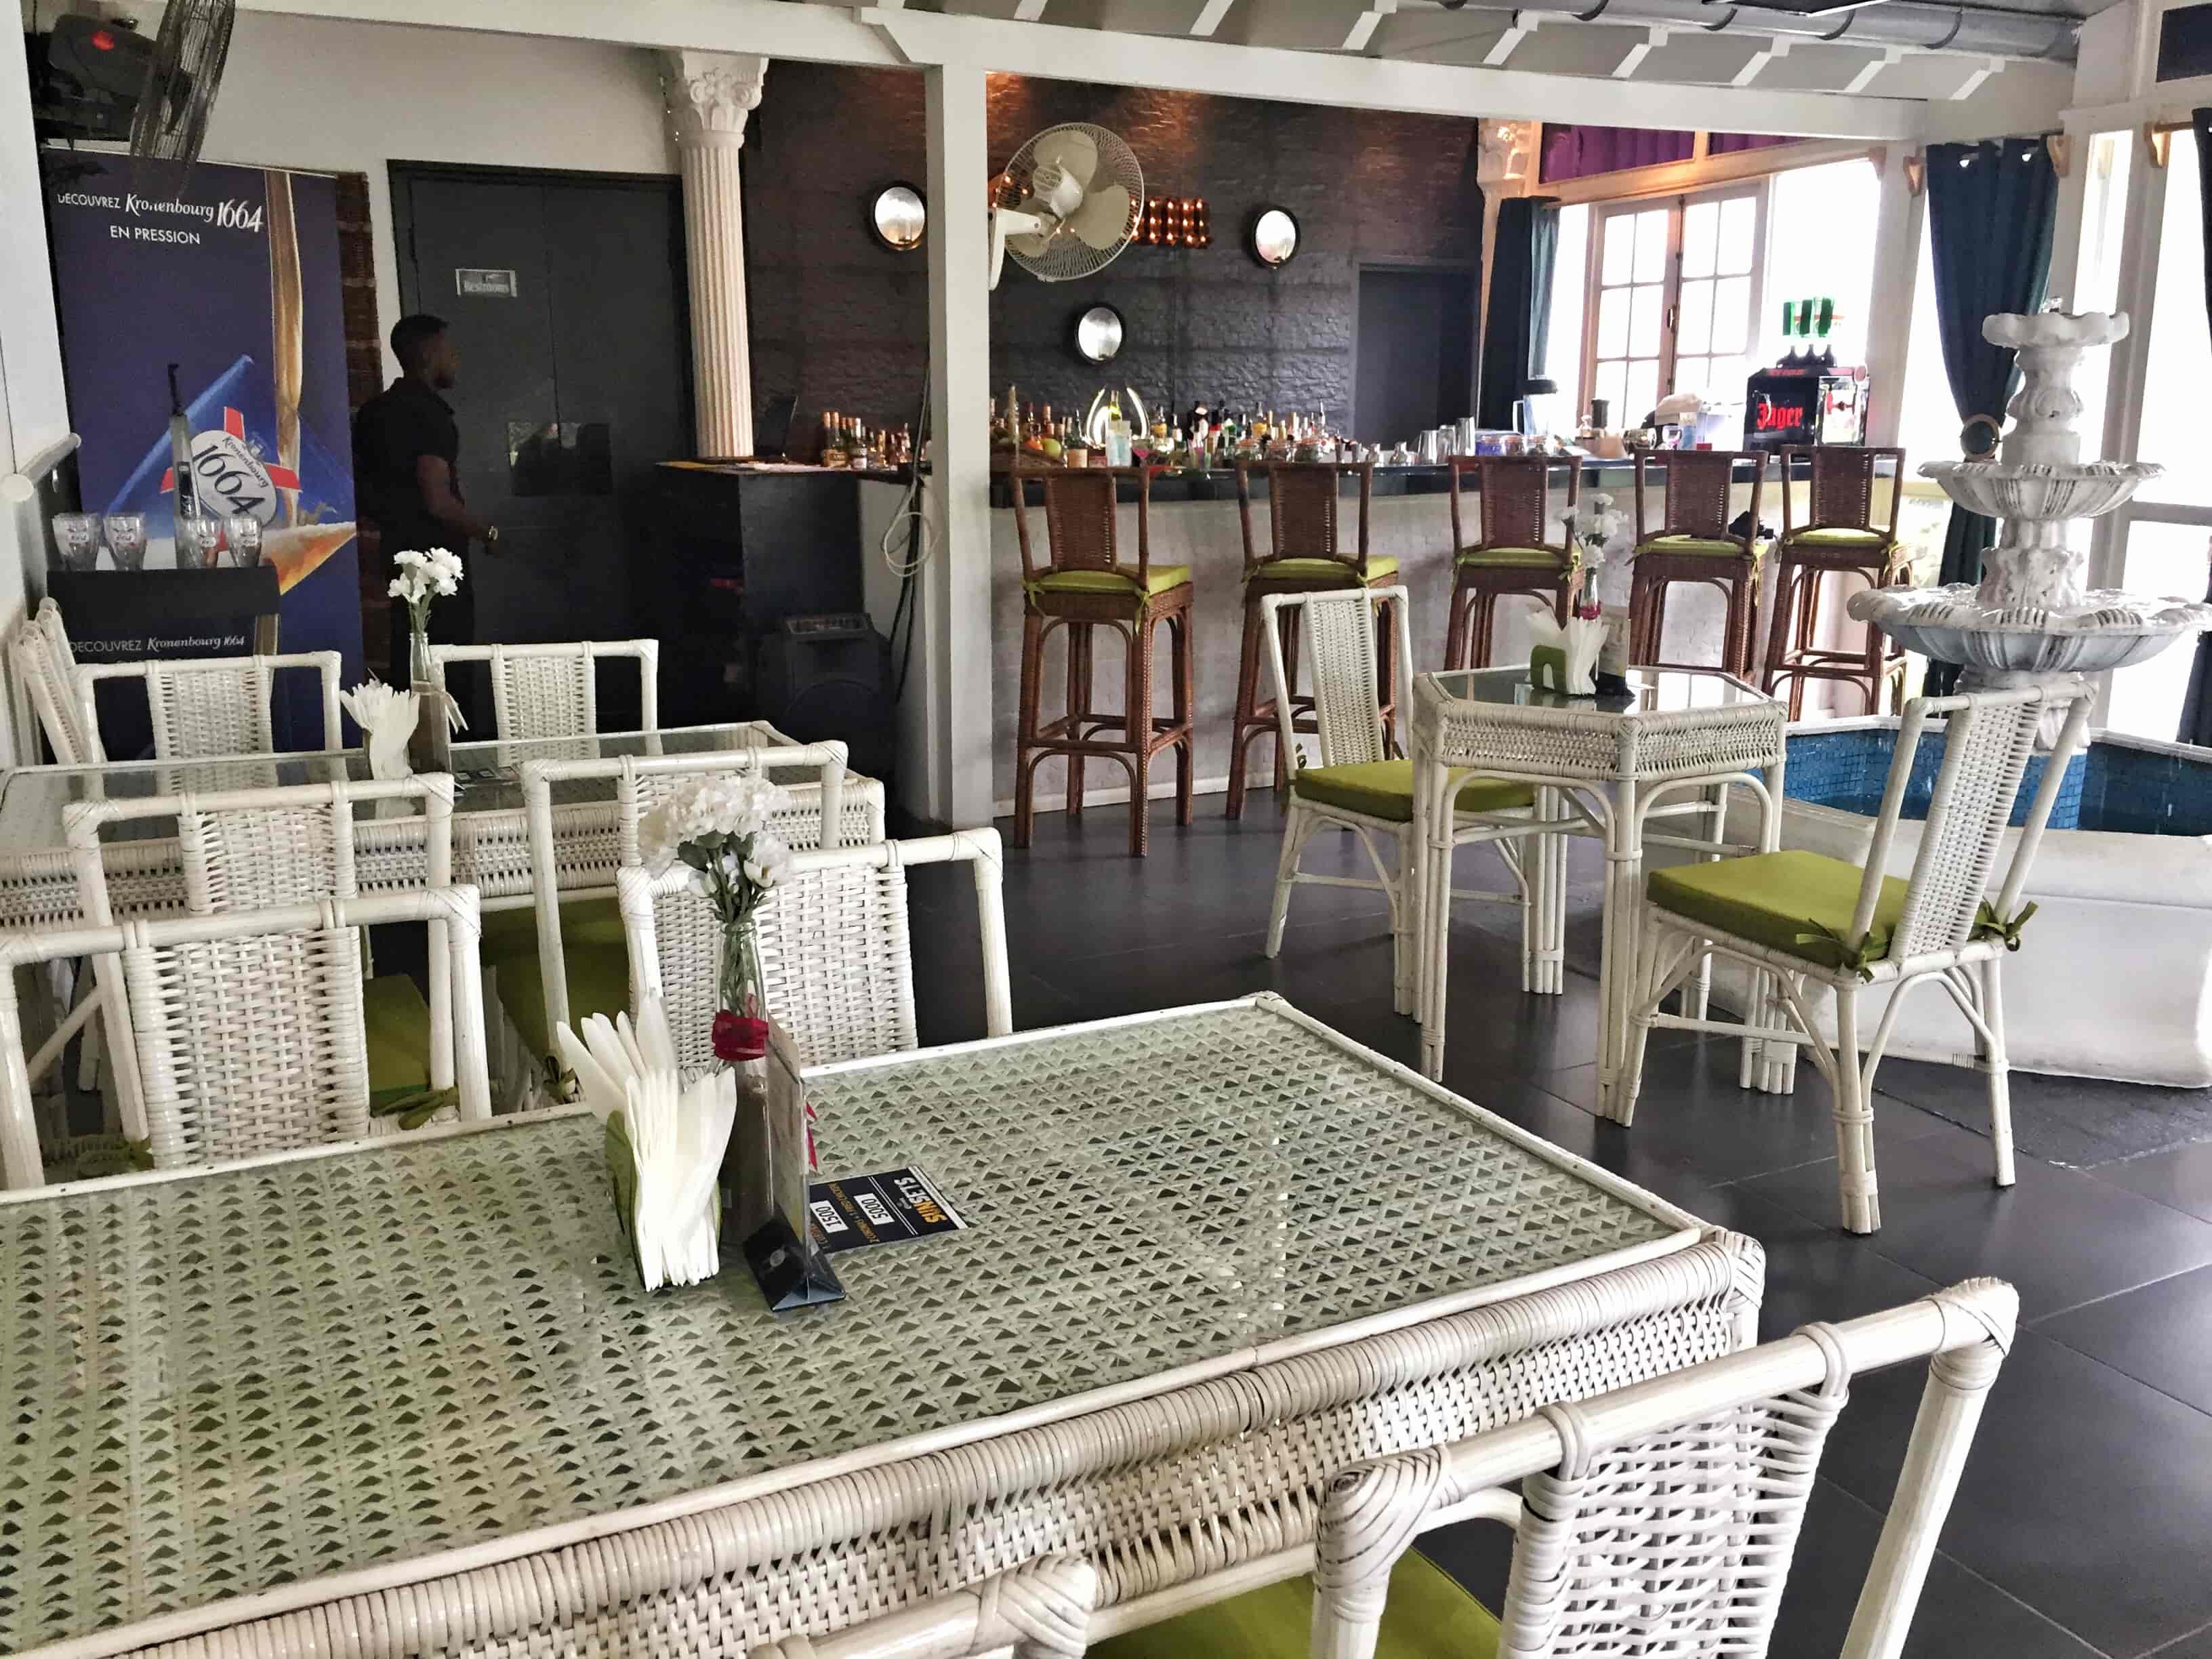 Lynk Garden Café